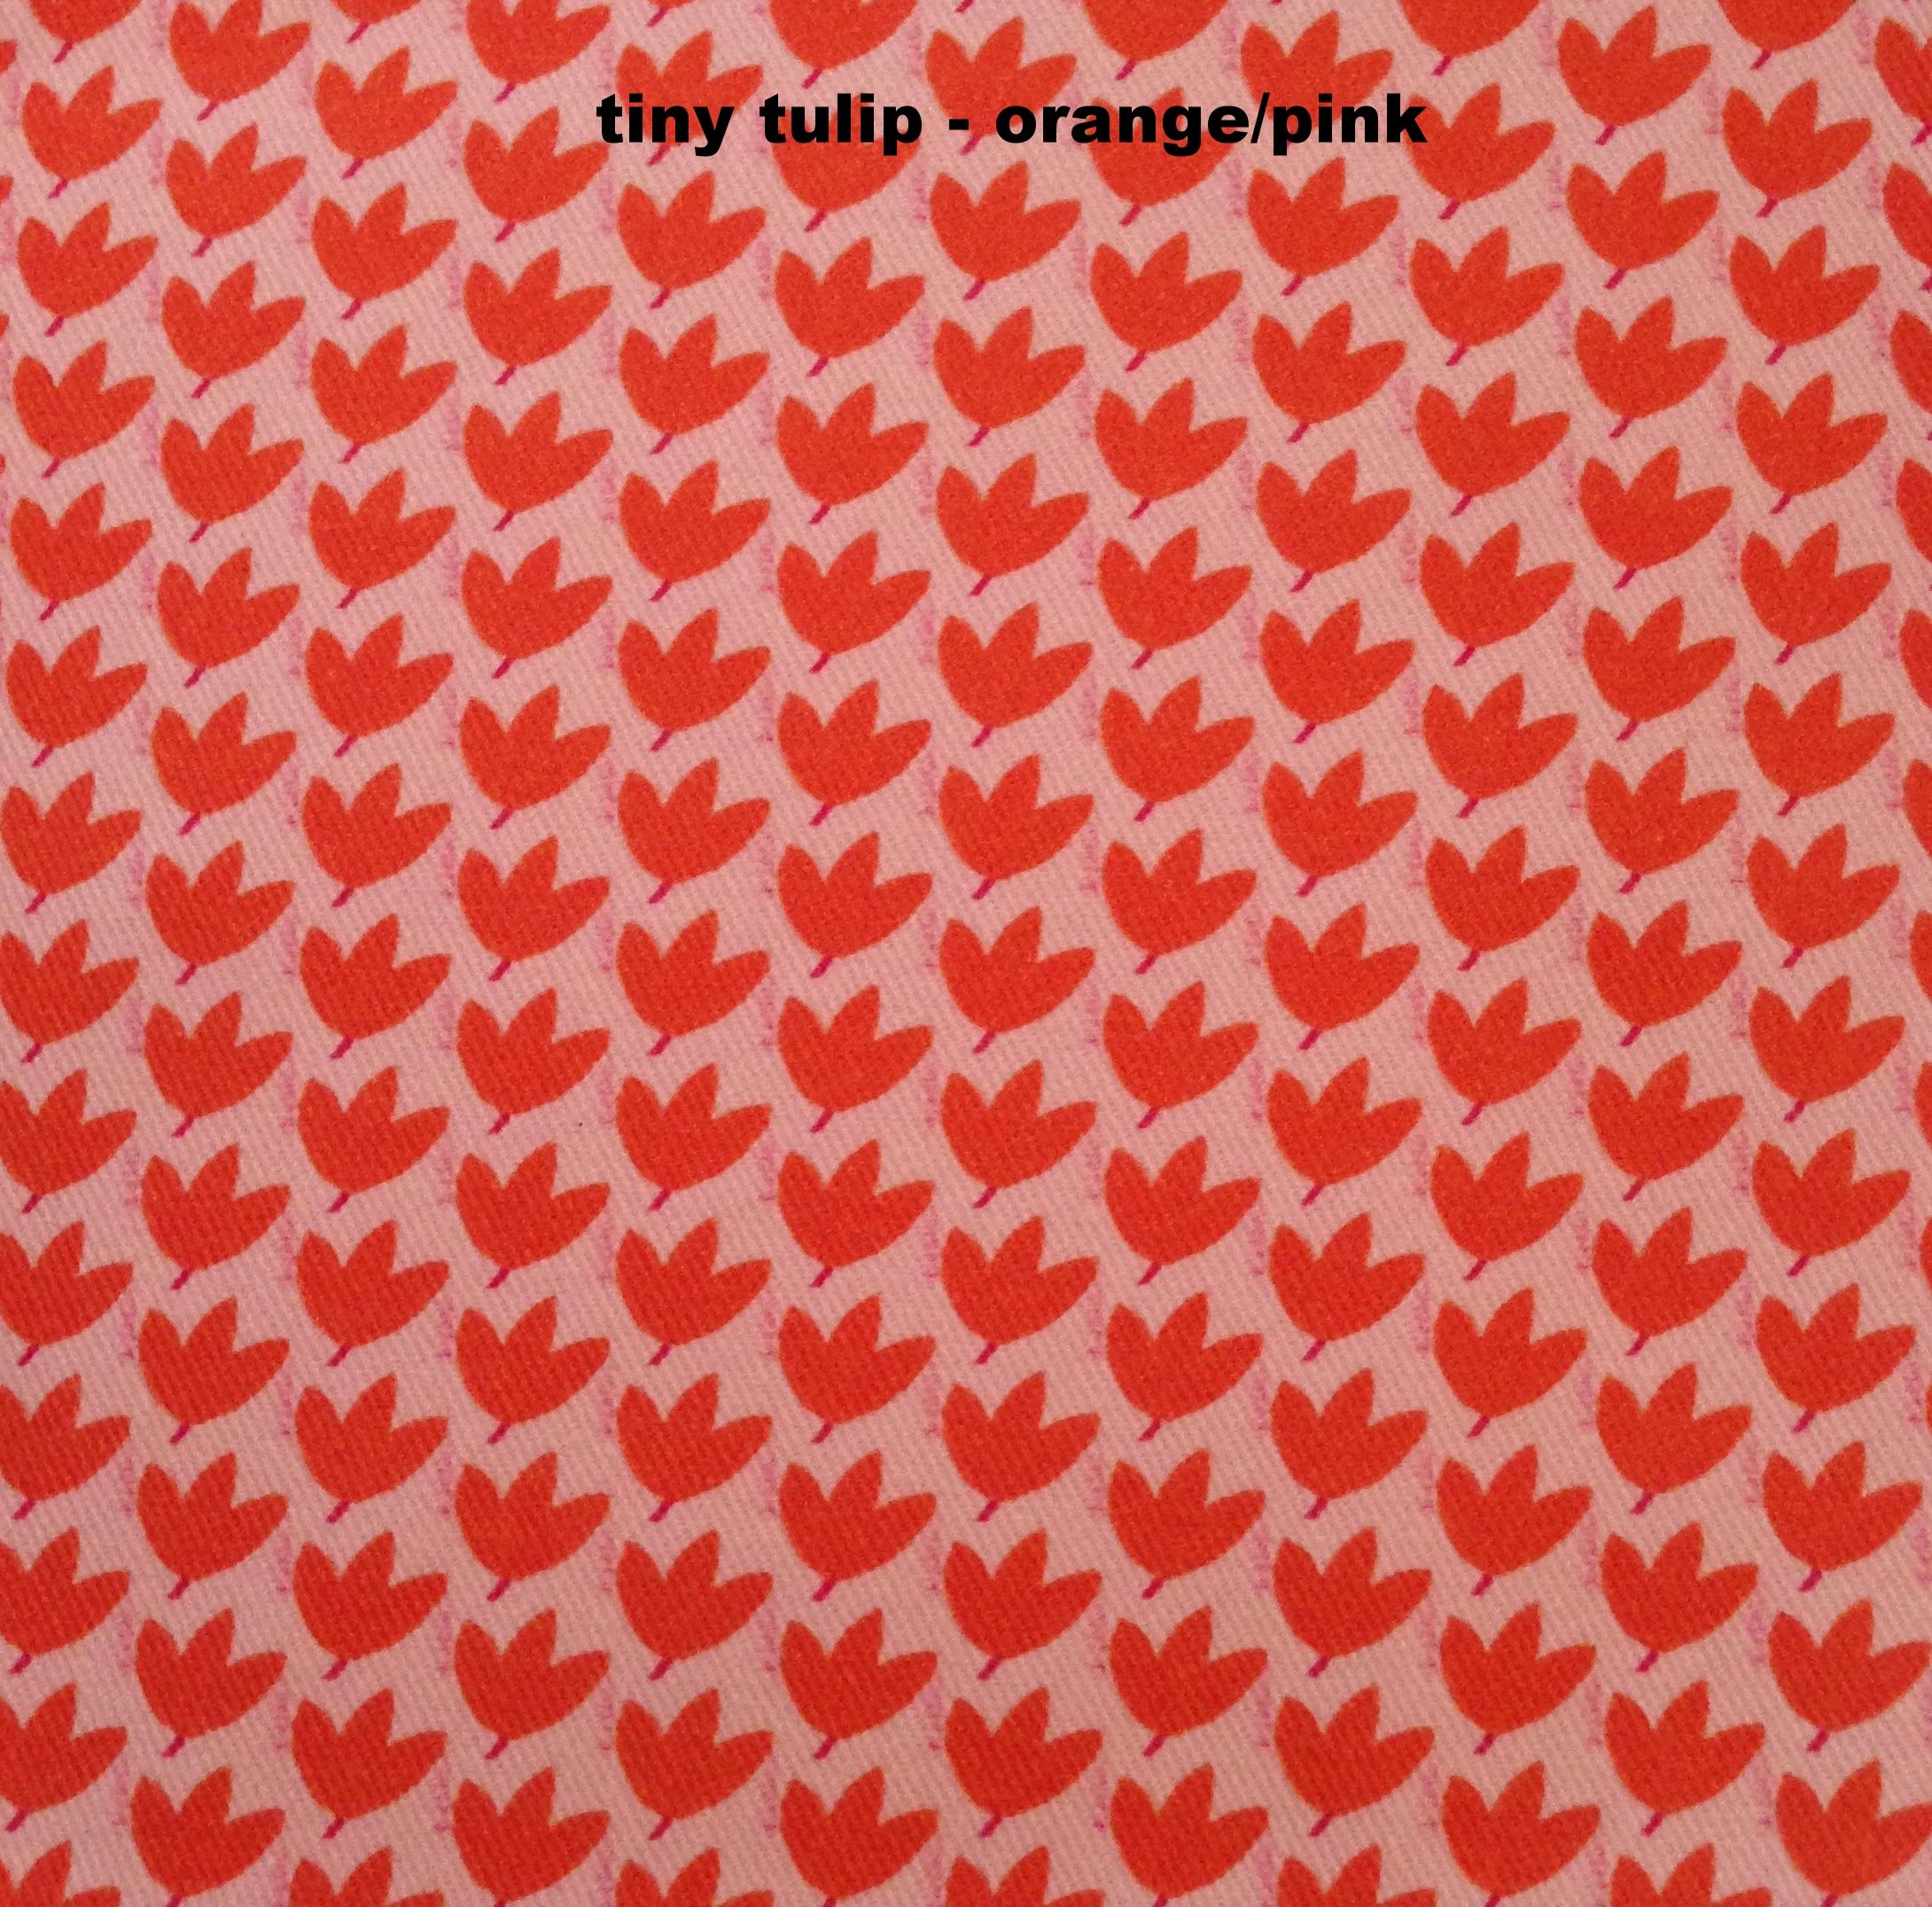 tiny tulip - orange/pink